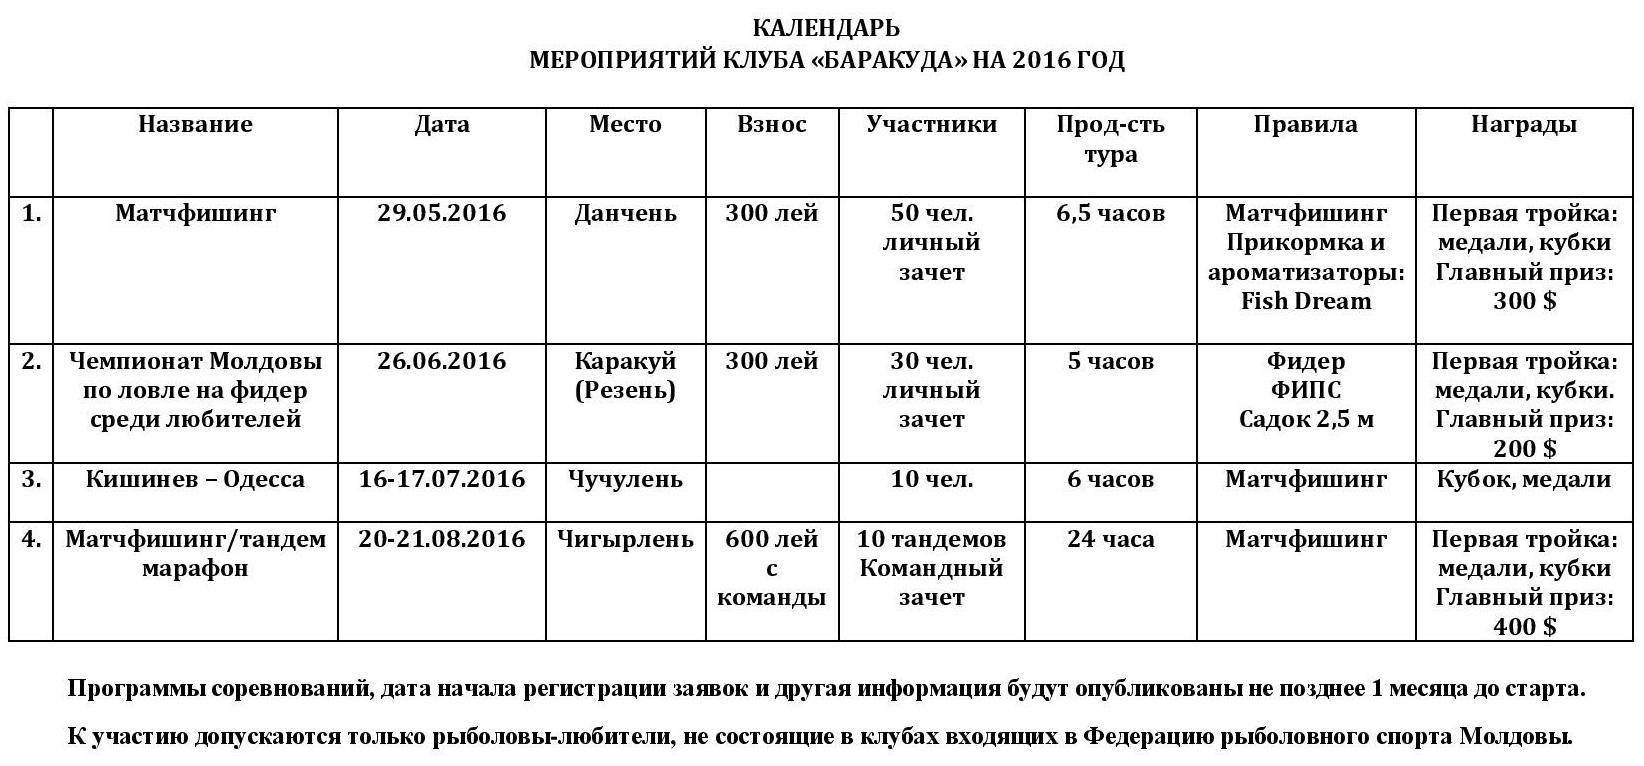 правила фидерных соревнований 2016